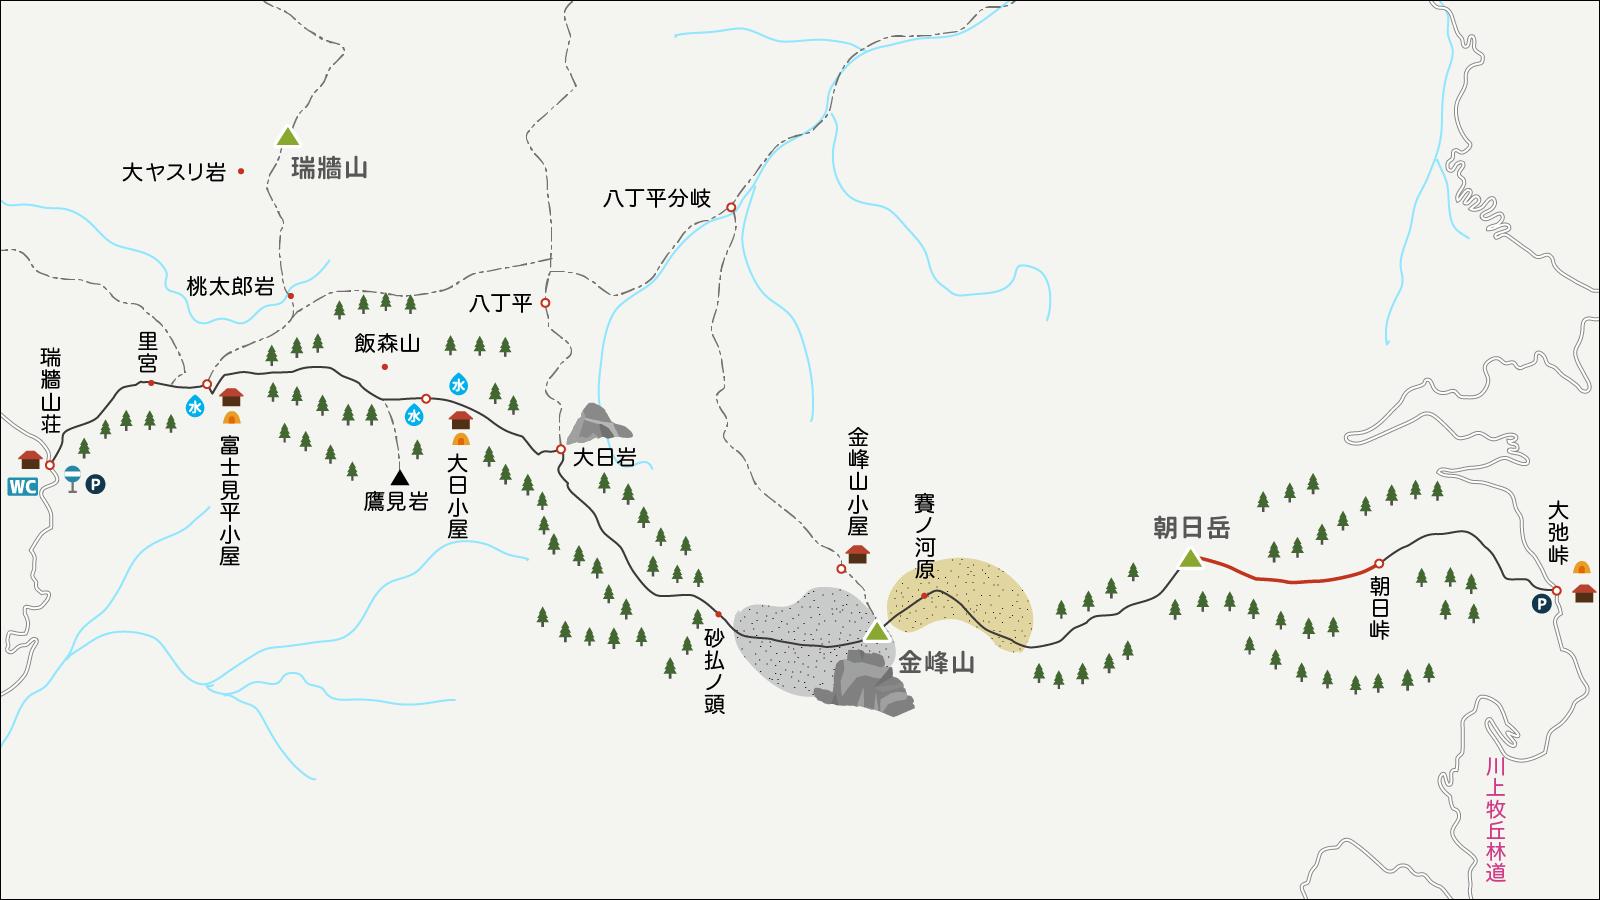 朝日岳から朝日峠へのイラストマップ